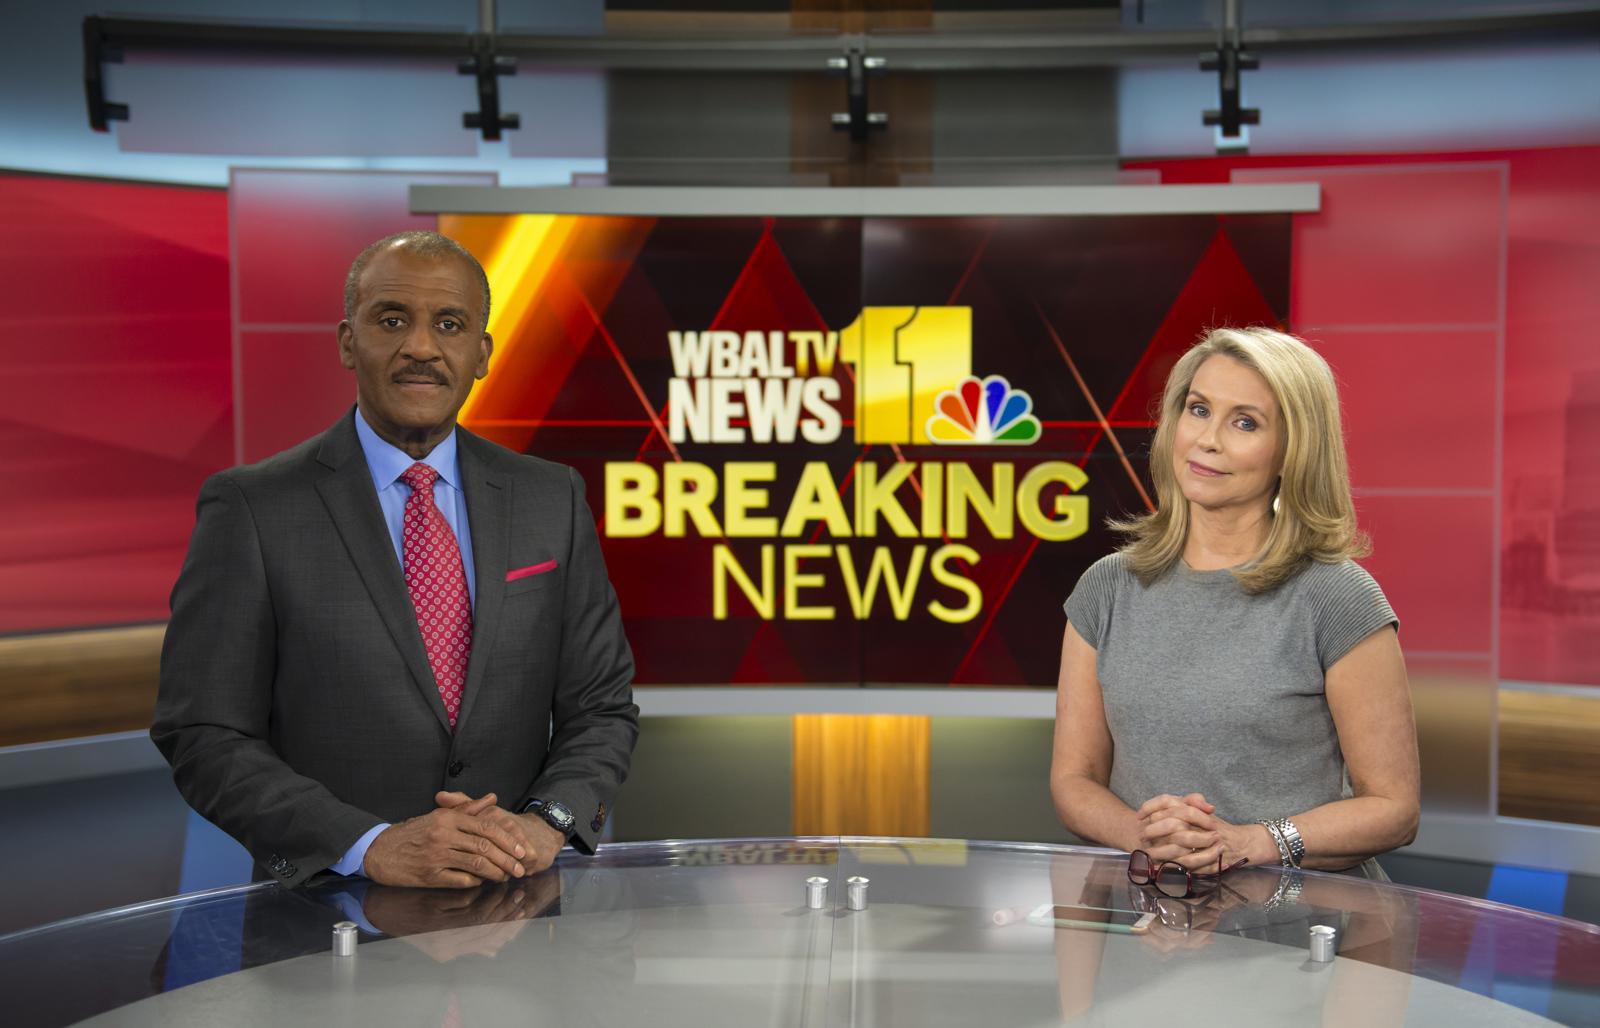 ncs_wbal-news-11-tv-studio_0003